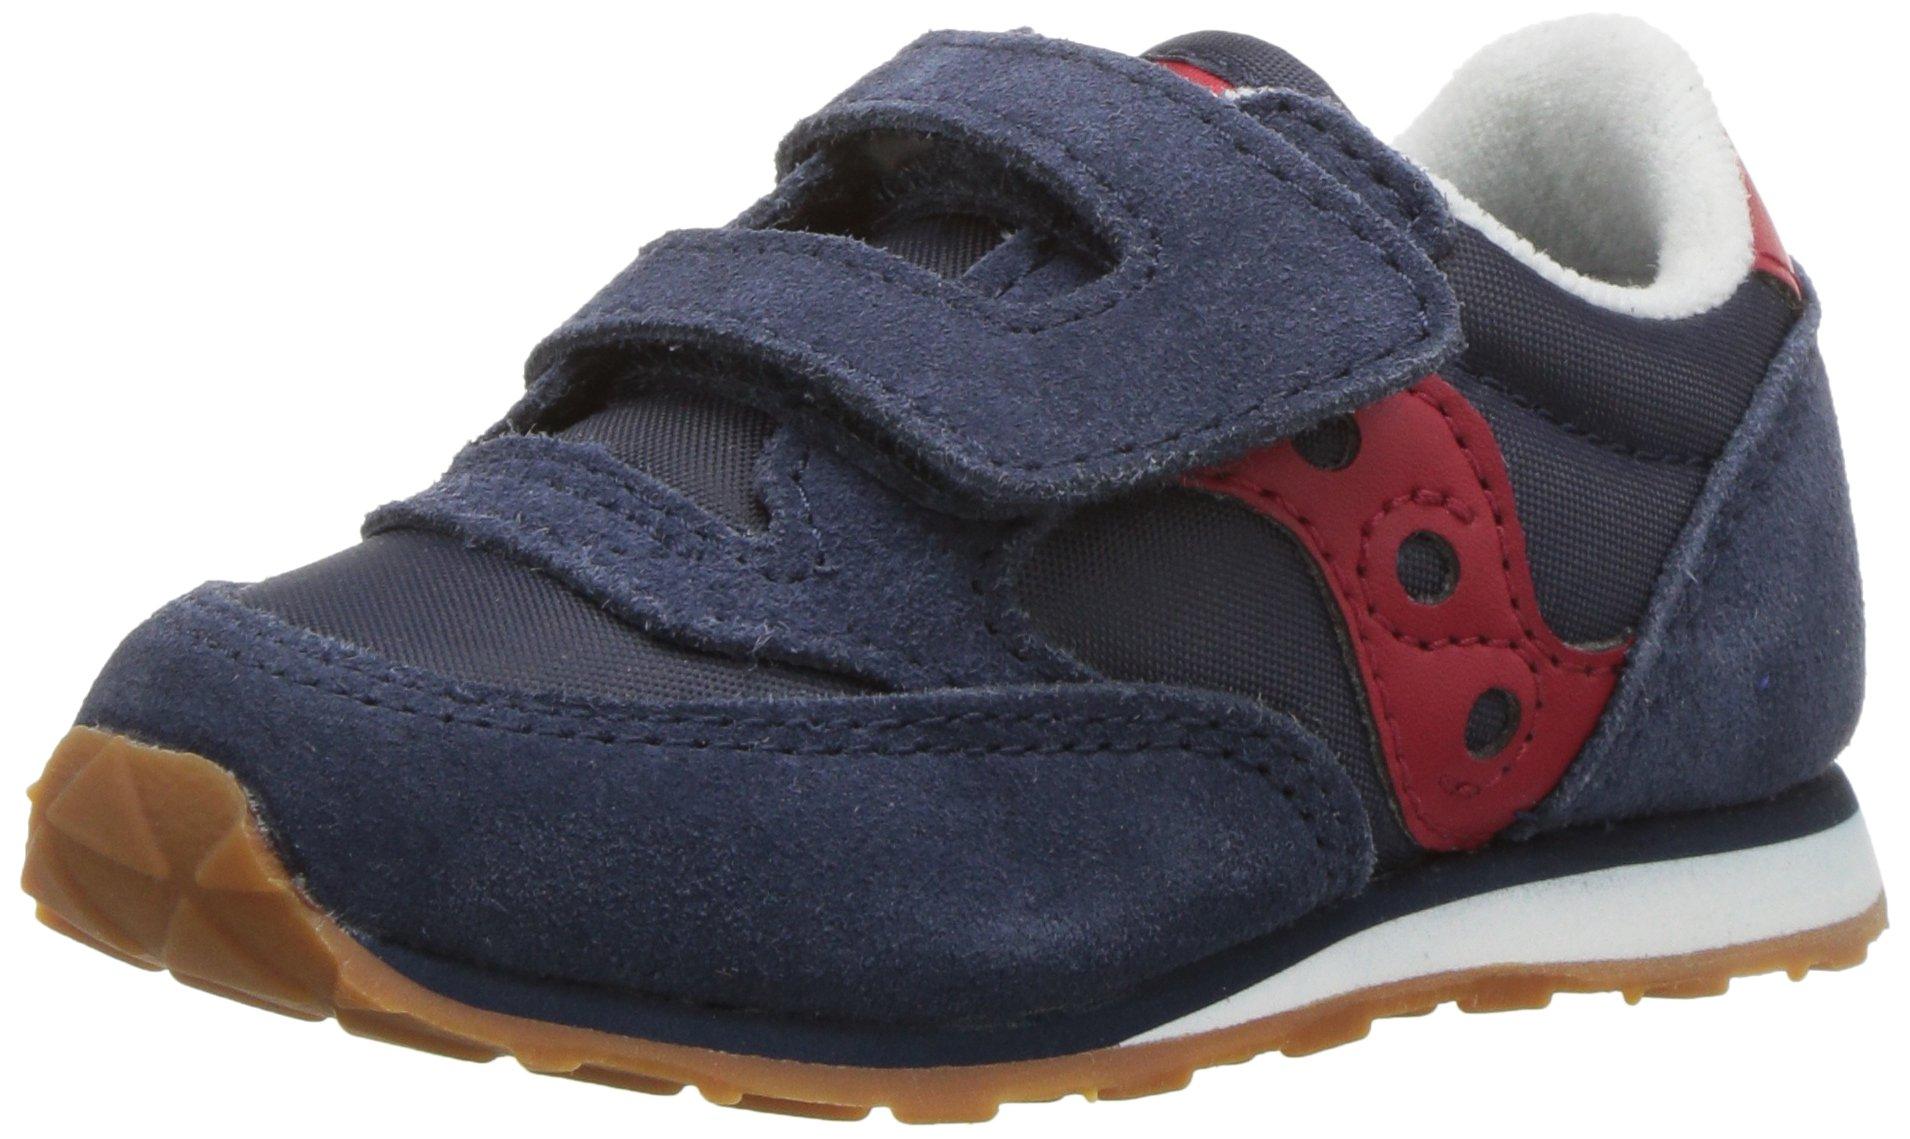 Saucony Baby Jazz Hook & Loop Sneaker Little Kid 8 Navy/Red